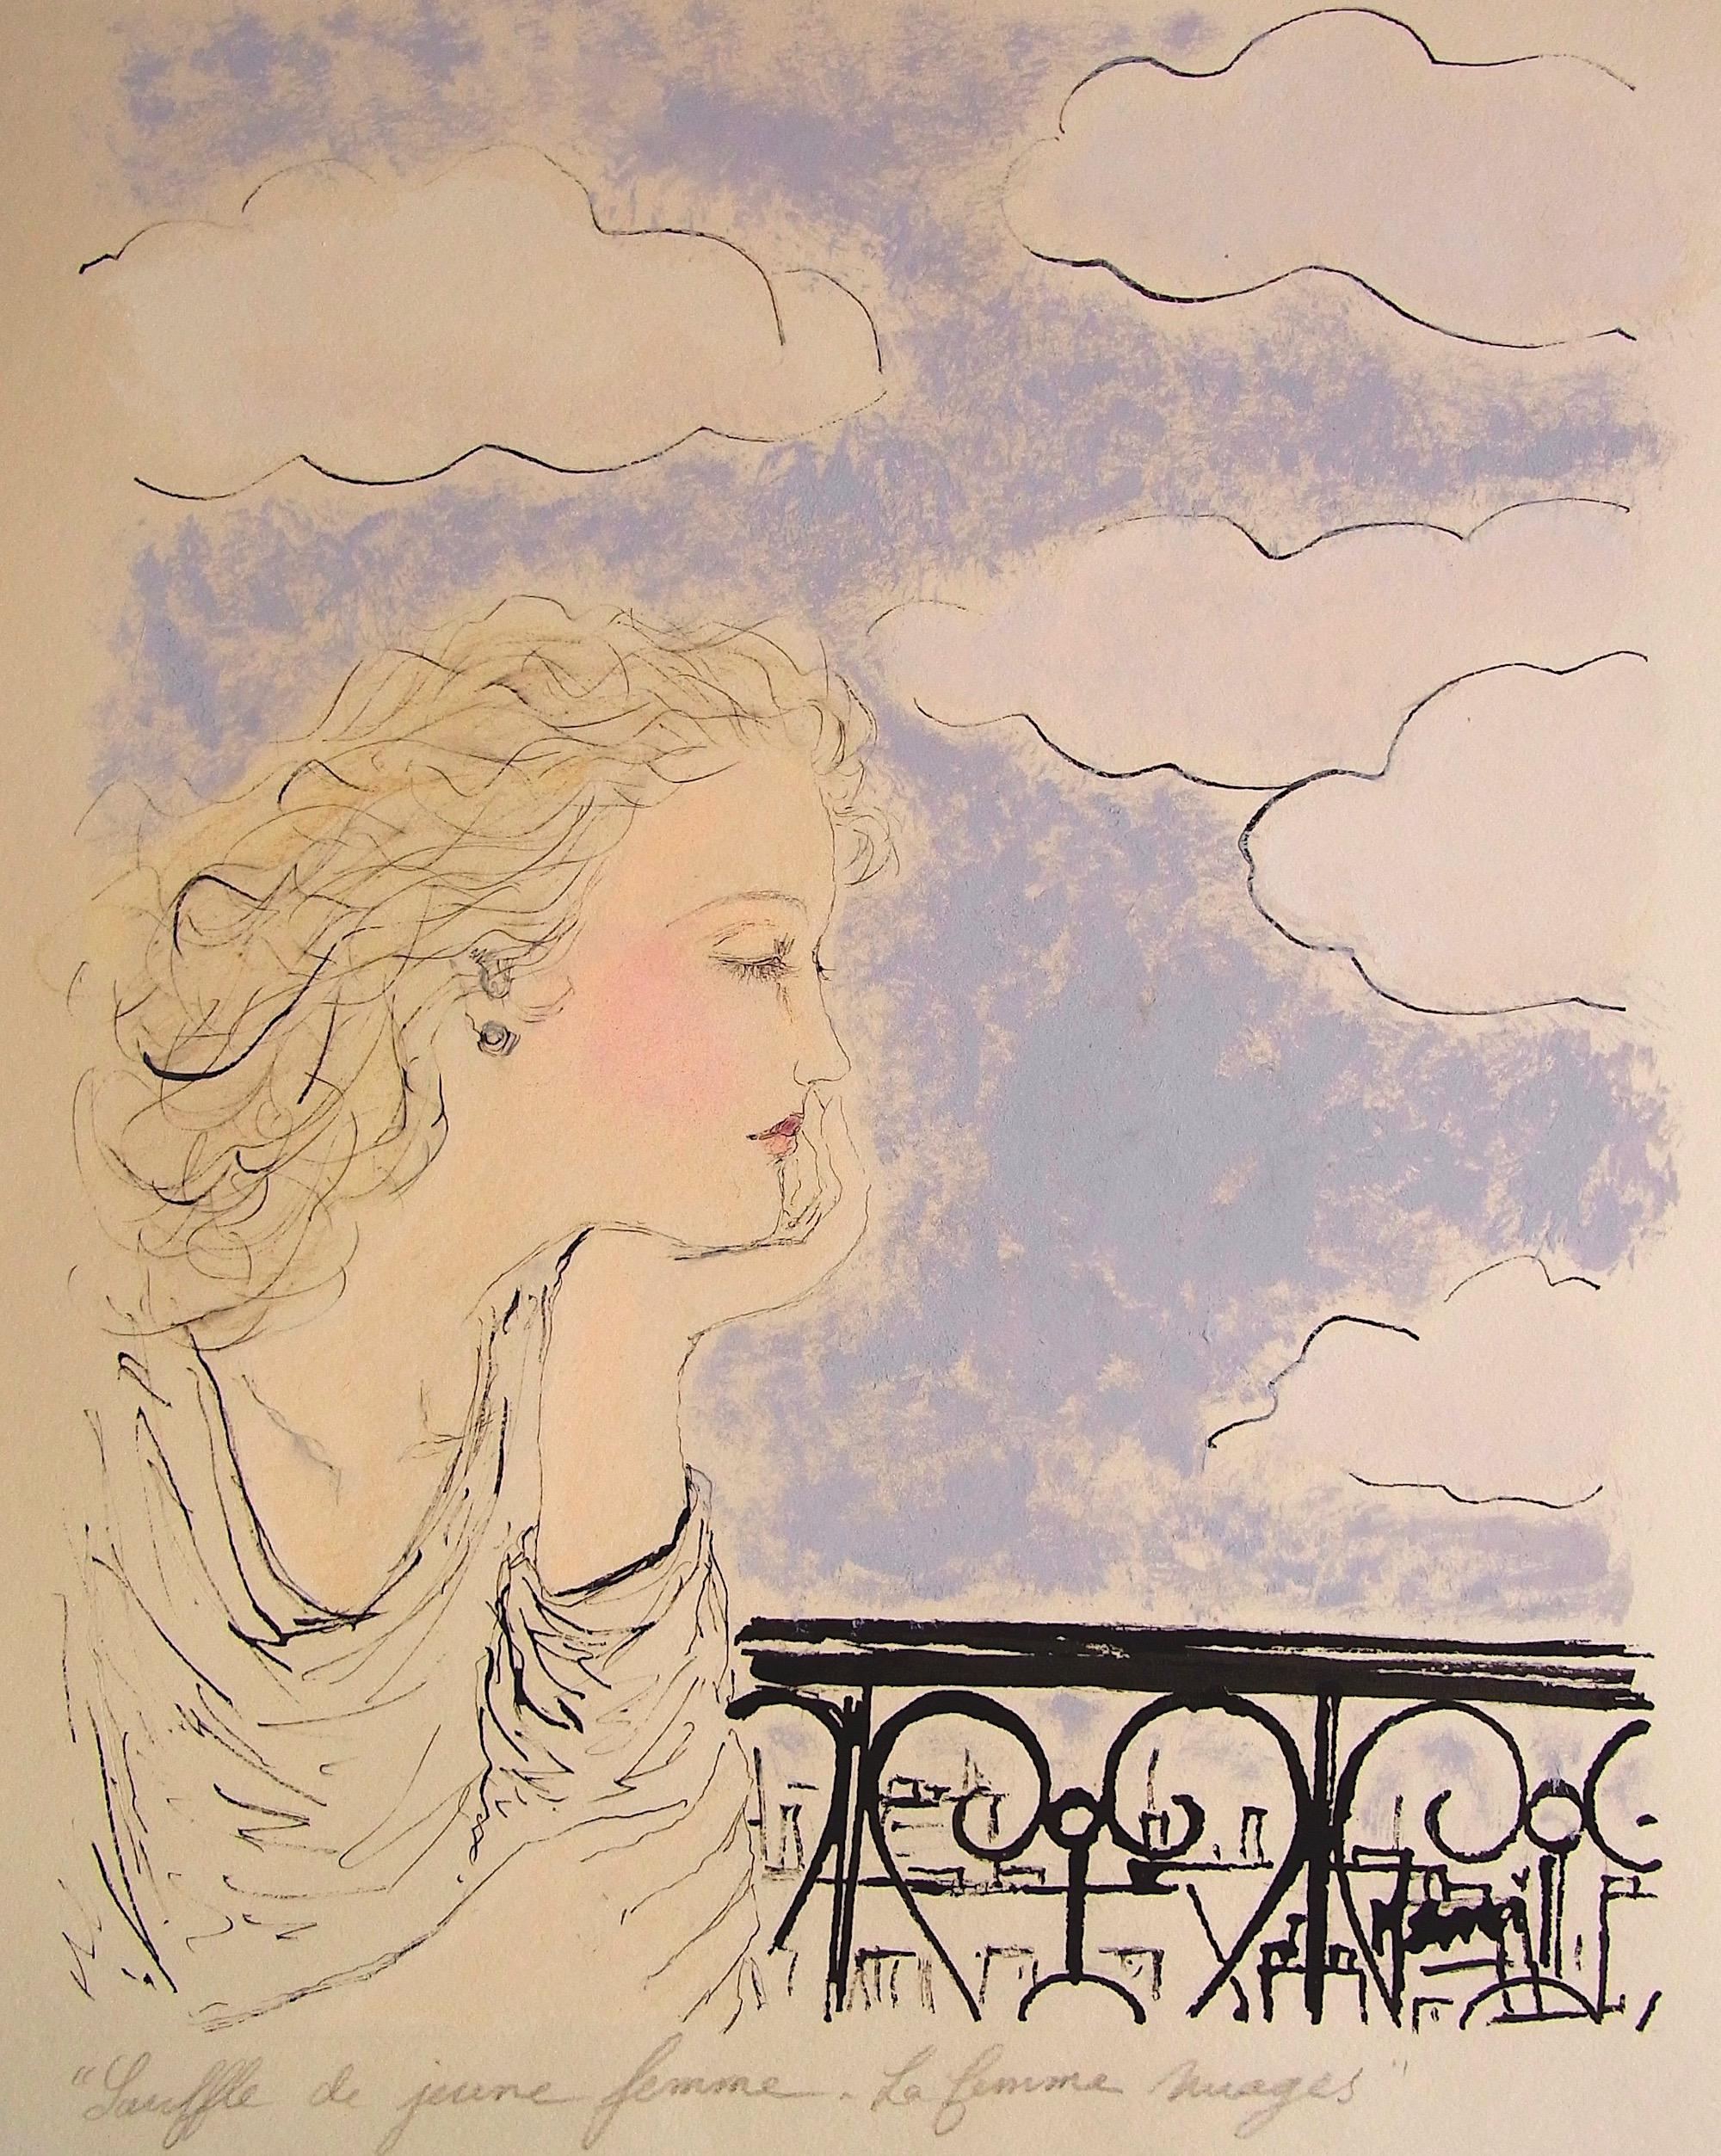 MAMI. / Images et Poésie, Souffle de Jeune Femme